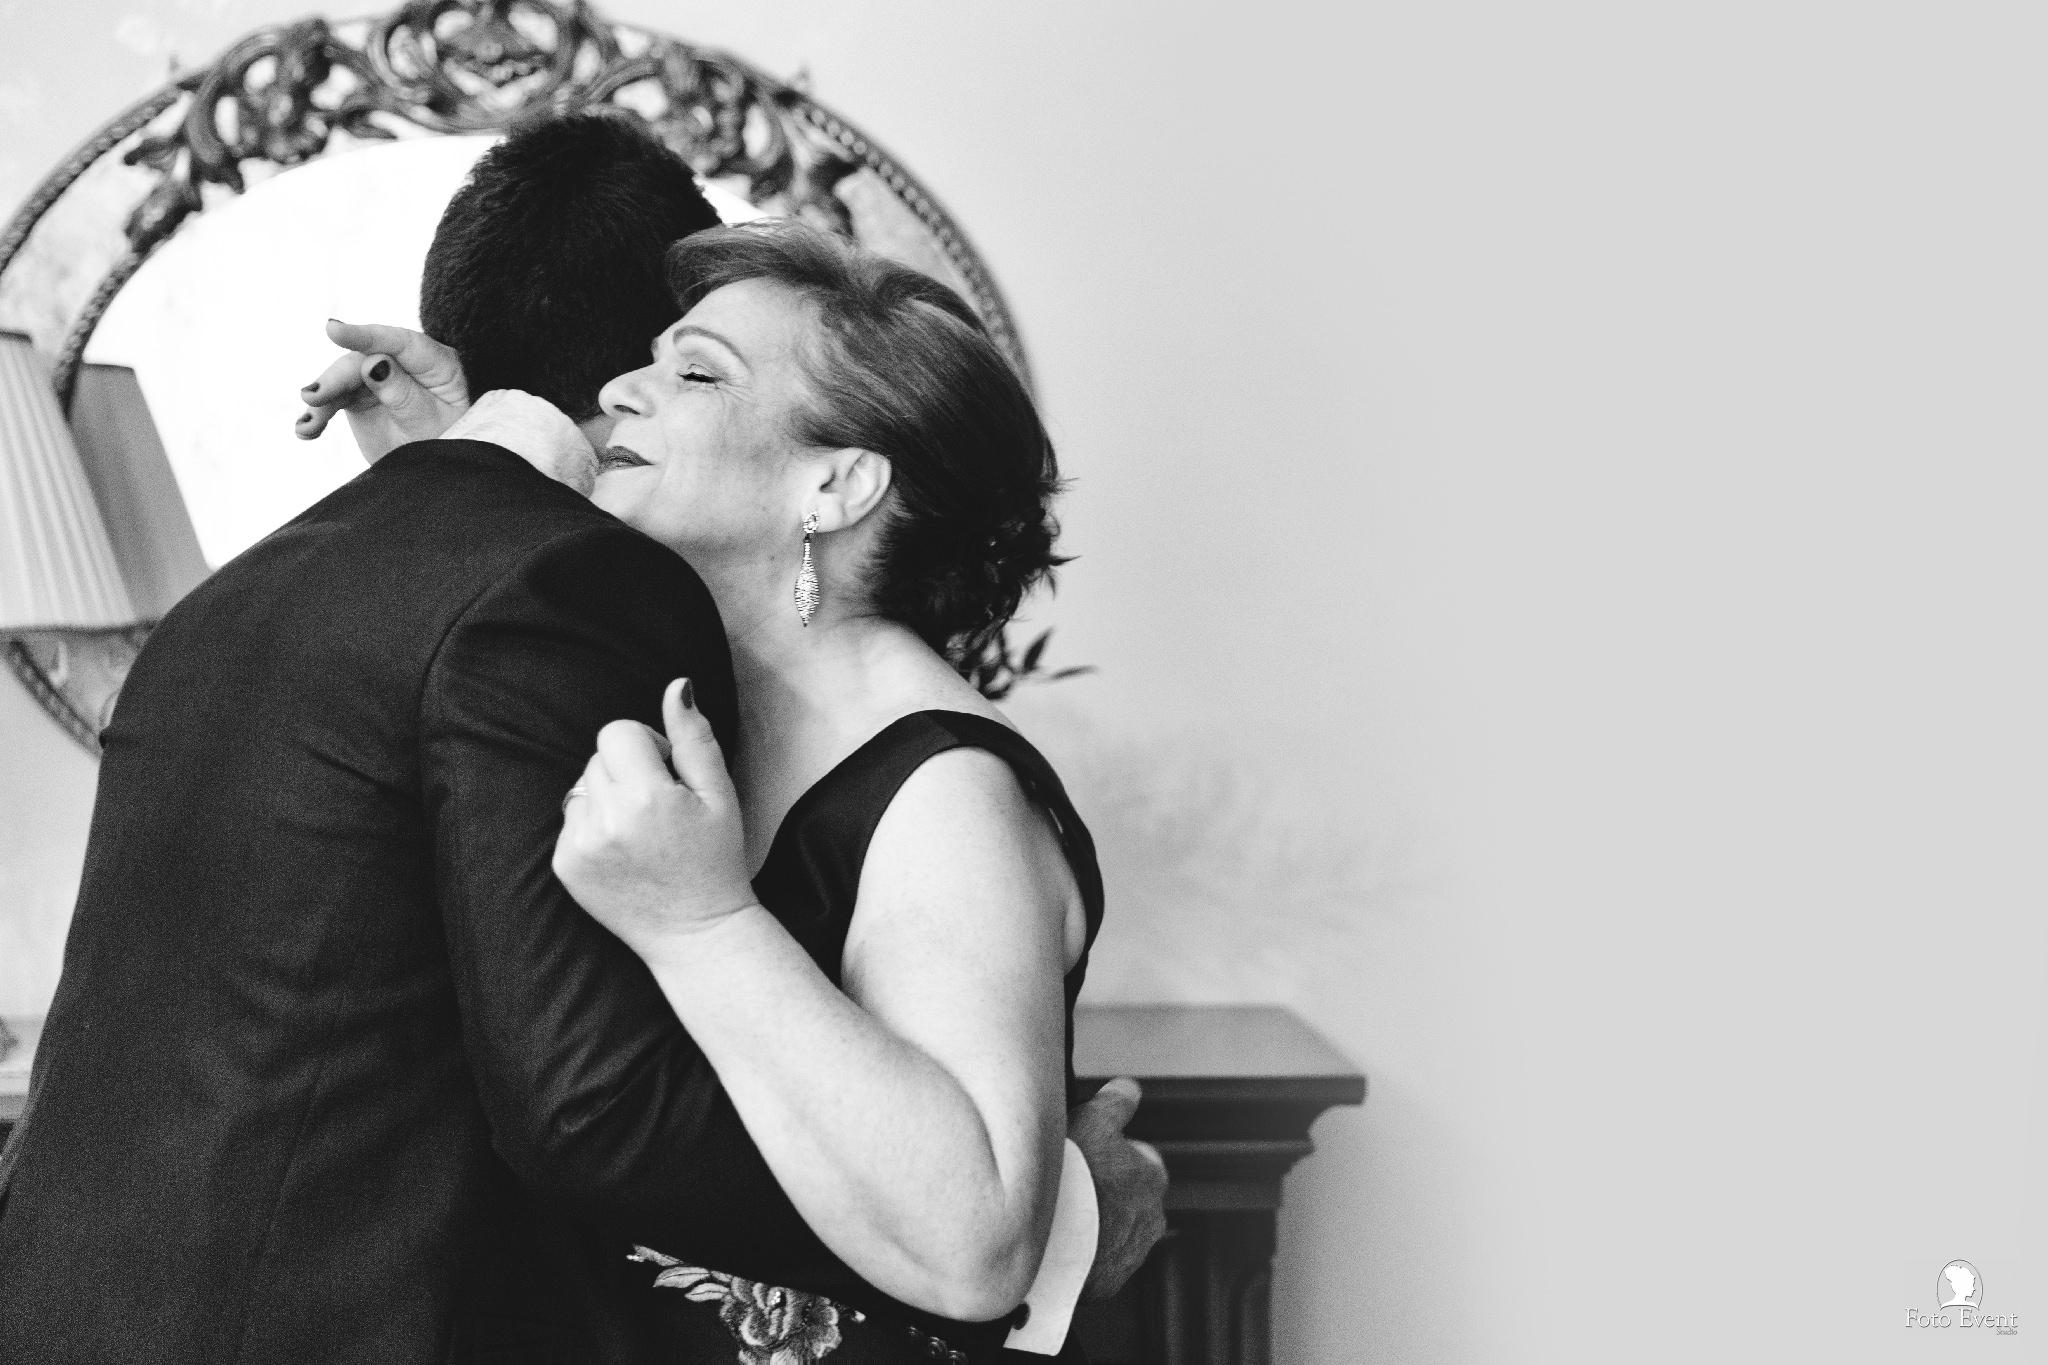 2017-06-14 Matrimonio Rossella e Alessandro Marino 5DE 119CD